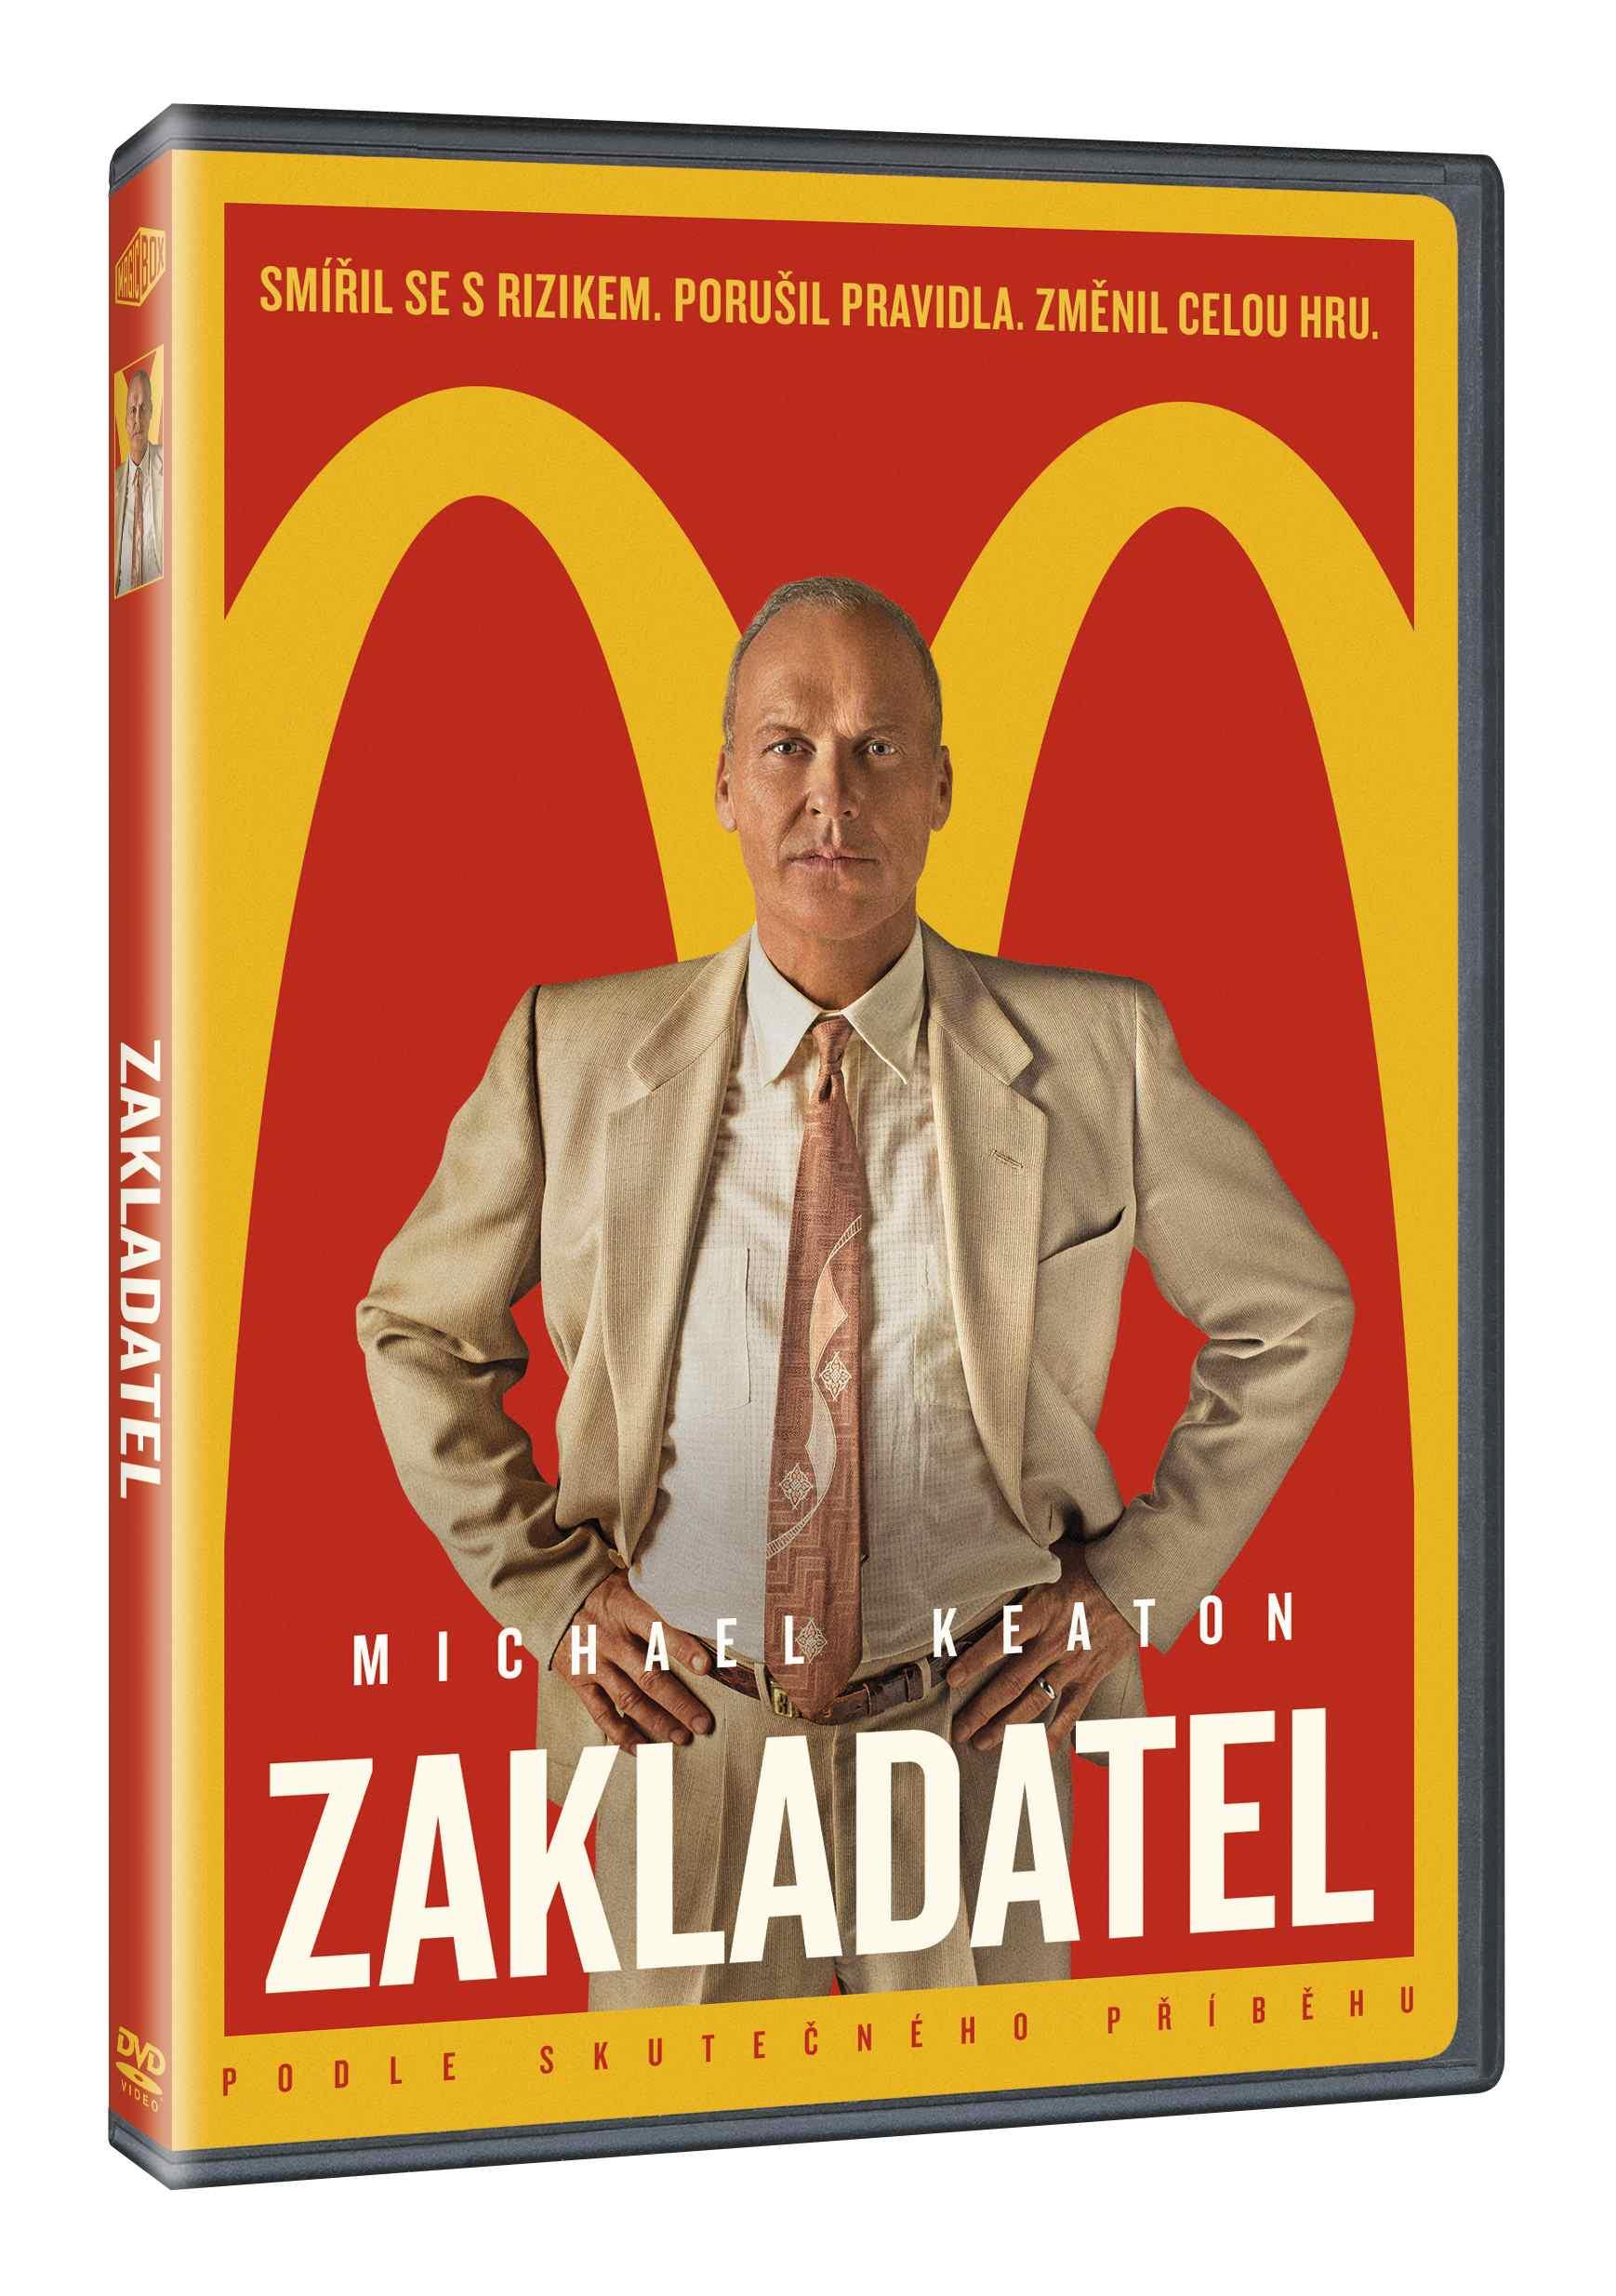 ZAKLADATEL - DVD